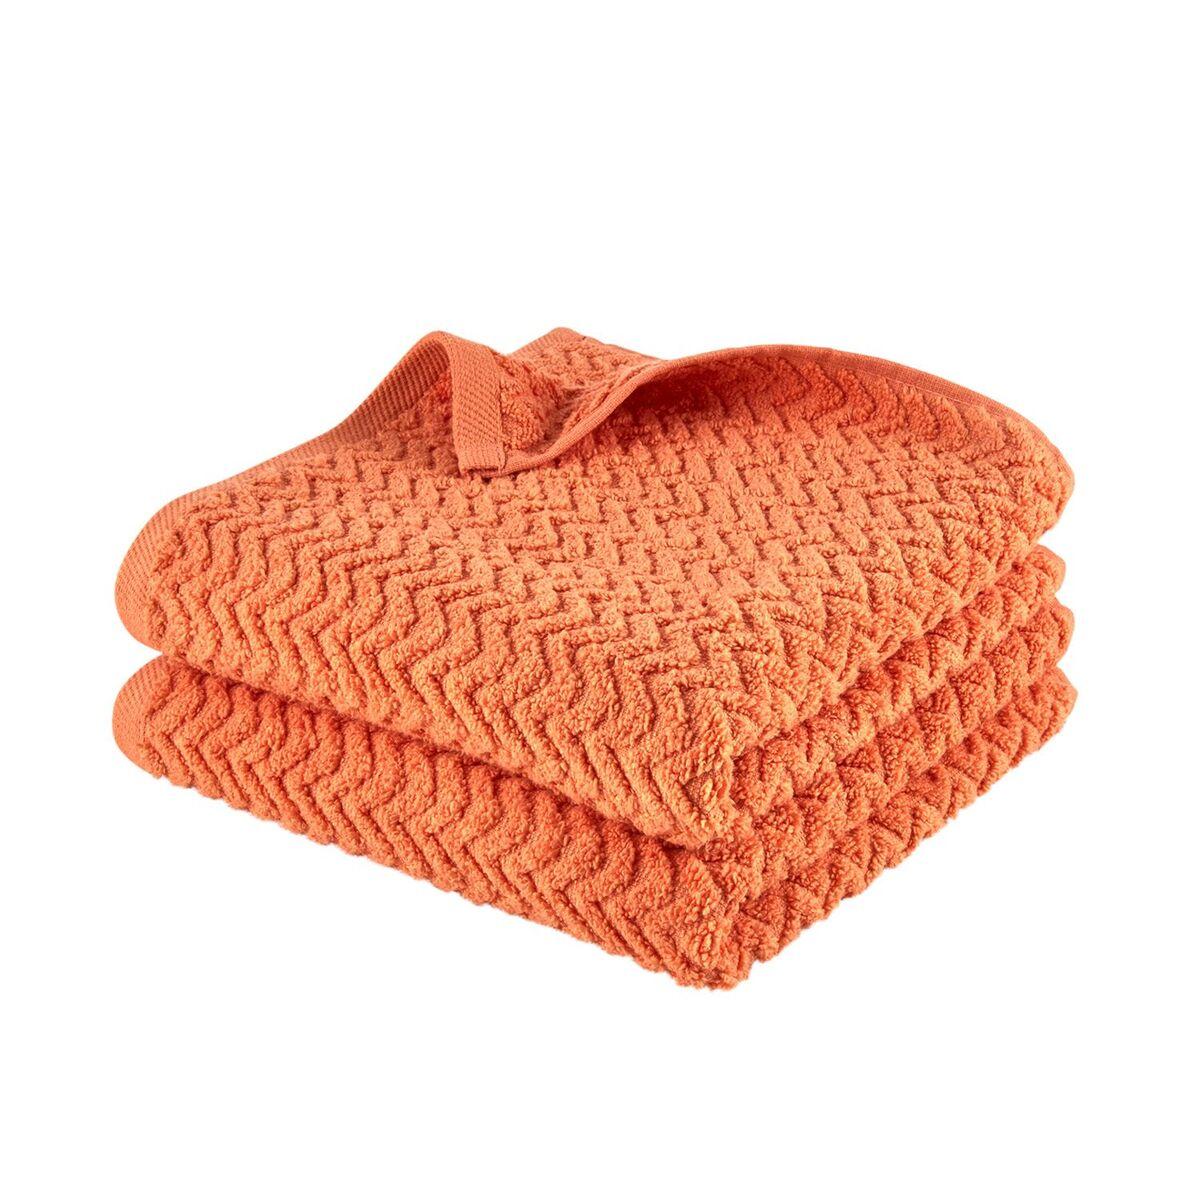 Bild 3 von tukan Flausch-Handtücher